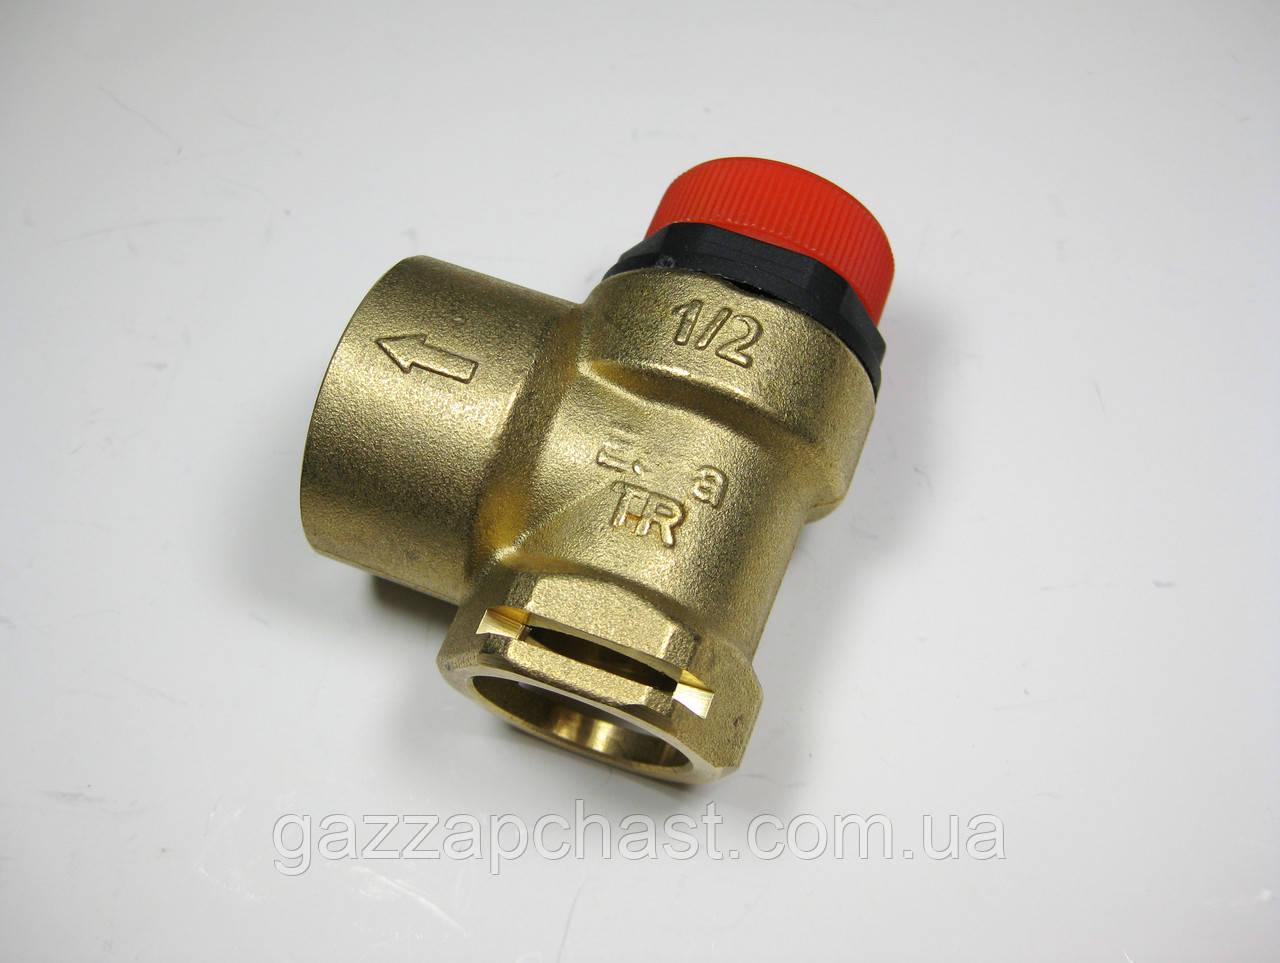 Предохранительный клапан Vaillant Atmomax, Turbomax, под скобу (190732)